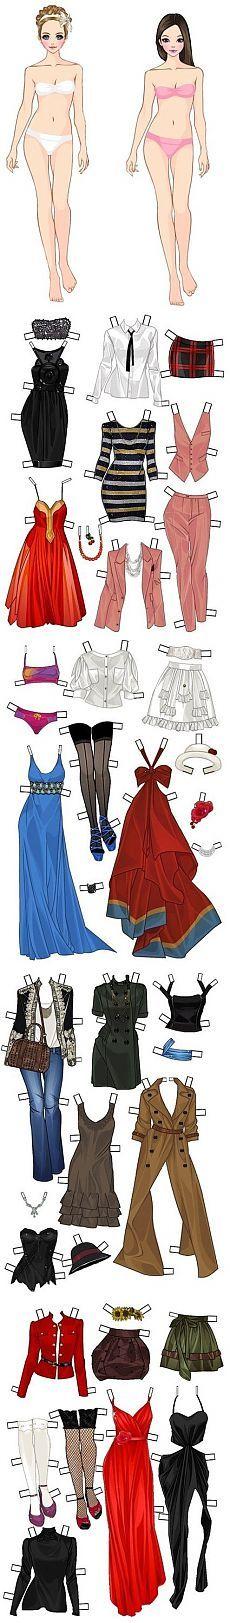 Muñecas de papel con la ropa